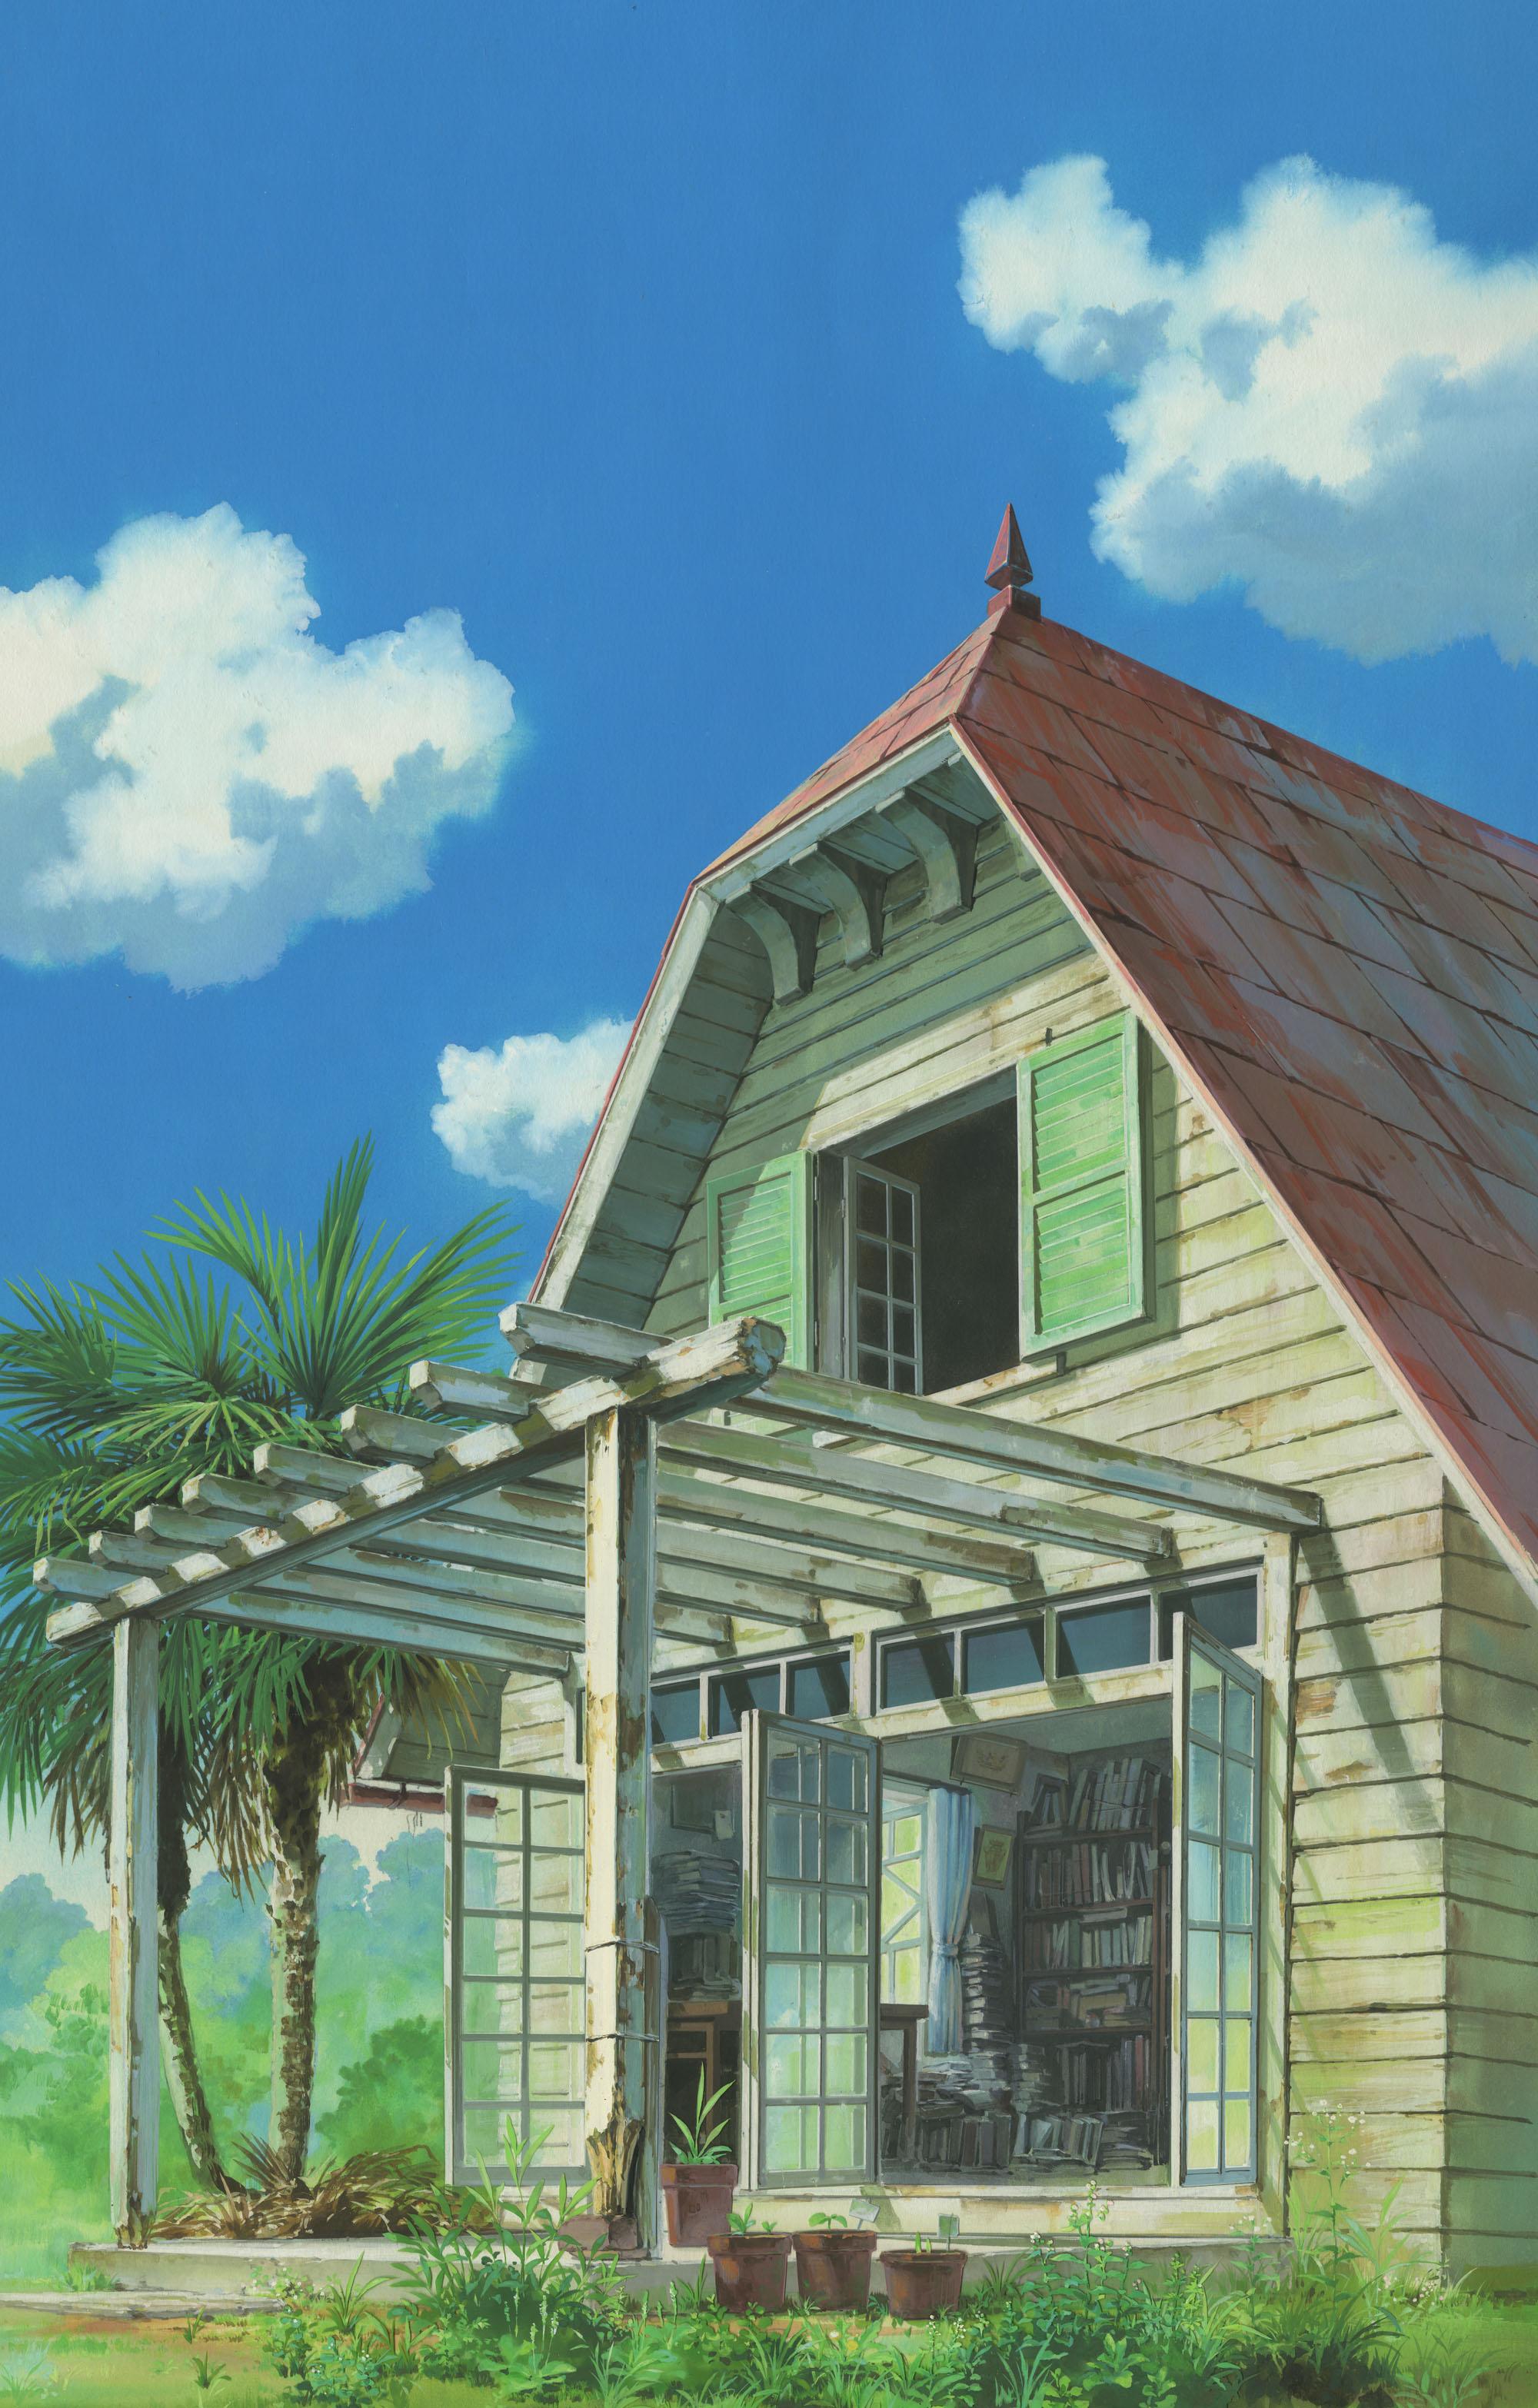 【2/24から@神戸《プレゼントあり》】アニメーションにみる日本建築-ジブリの立体建造物展より-